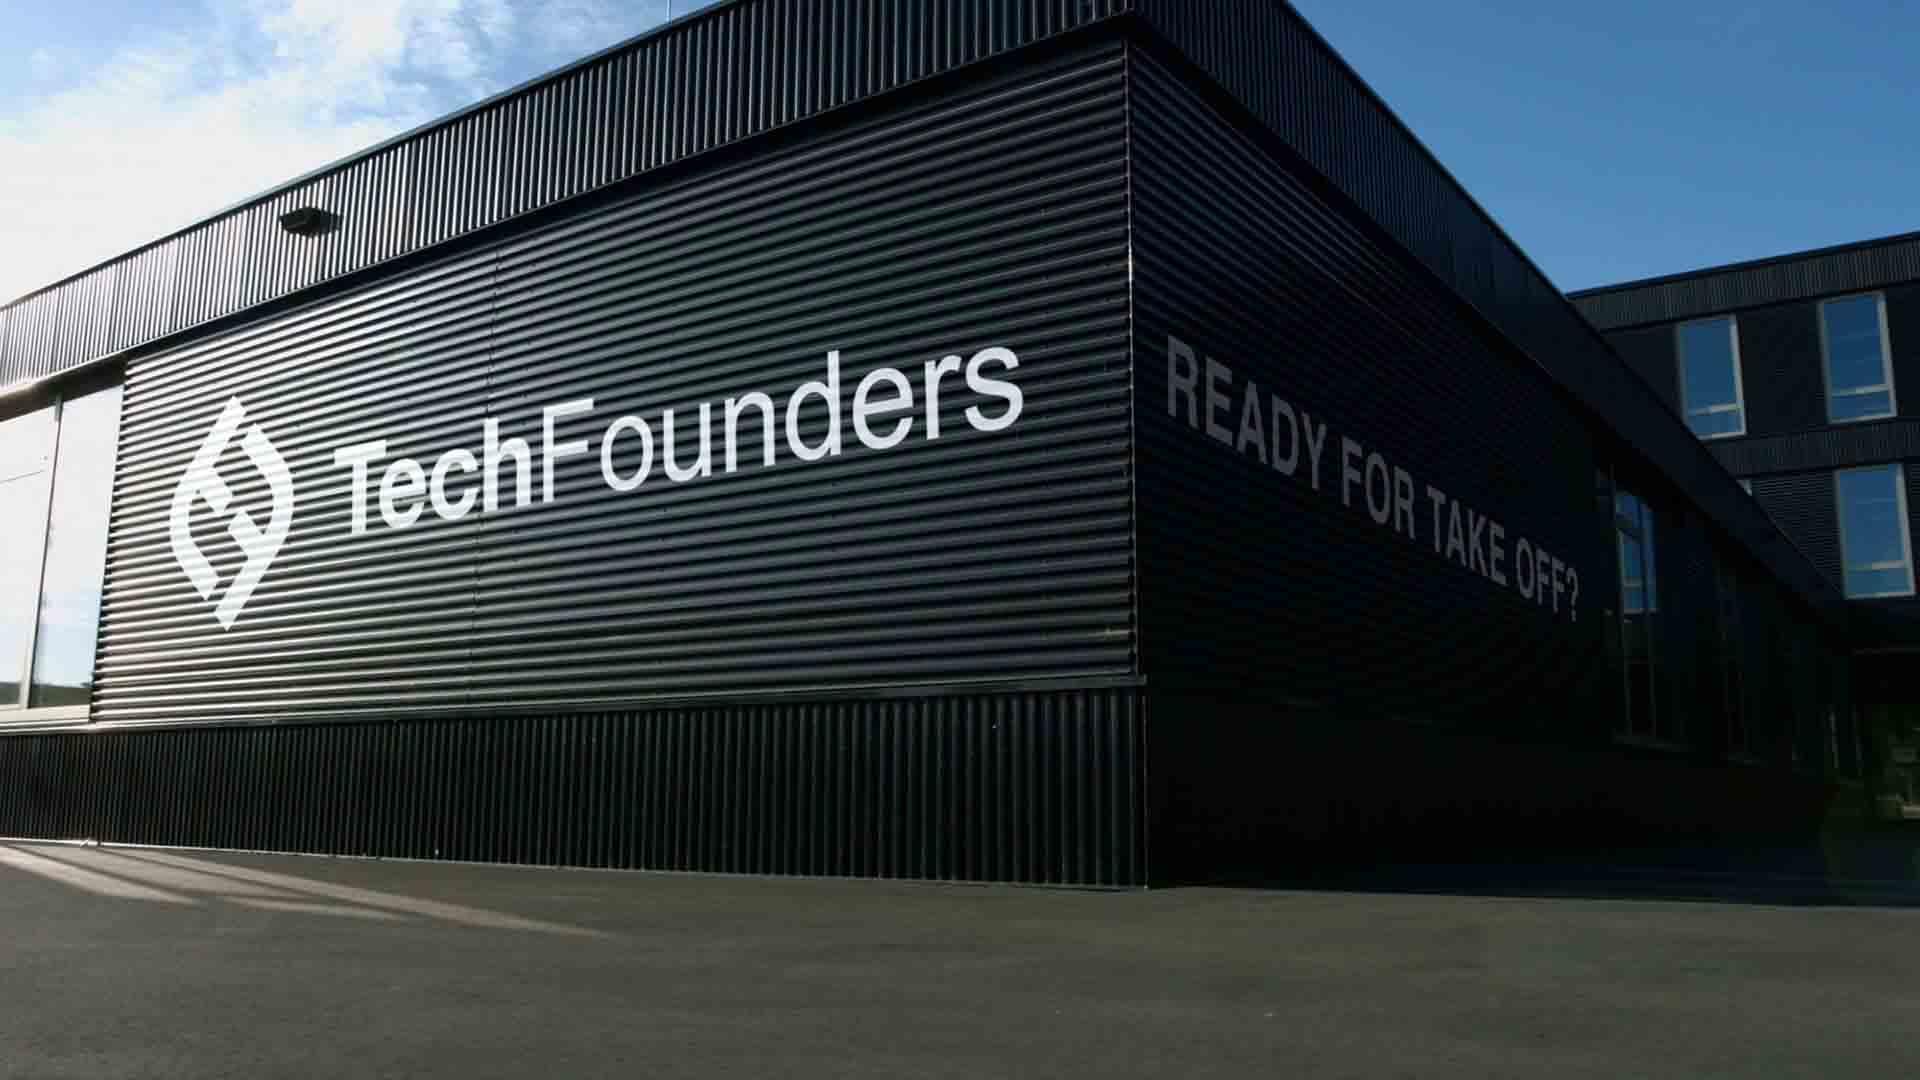 """Das Bild zeigt ein schwarzes Gebäude. dieses Gebäude steht vor einer Straße. Auf dem Gebäude ist ein weißer Schriftzug uzt lesen. Man liest das Wort """"TechFounders"""" daneben ist ihr Logo angebracht. Das Bild dient als Sliderbild für den Portfolioeintrag UnternehmerTUM – Techfounders von Panda Pictures."""